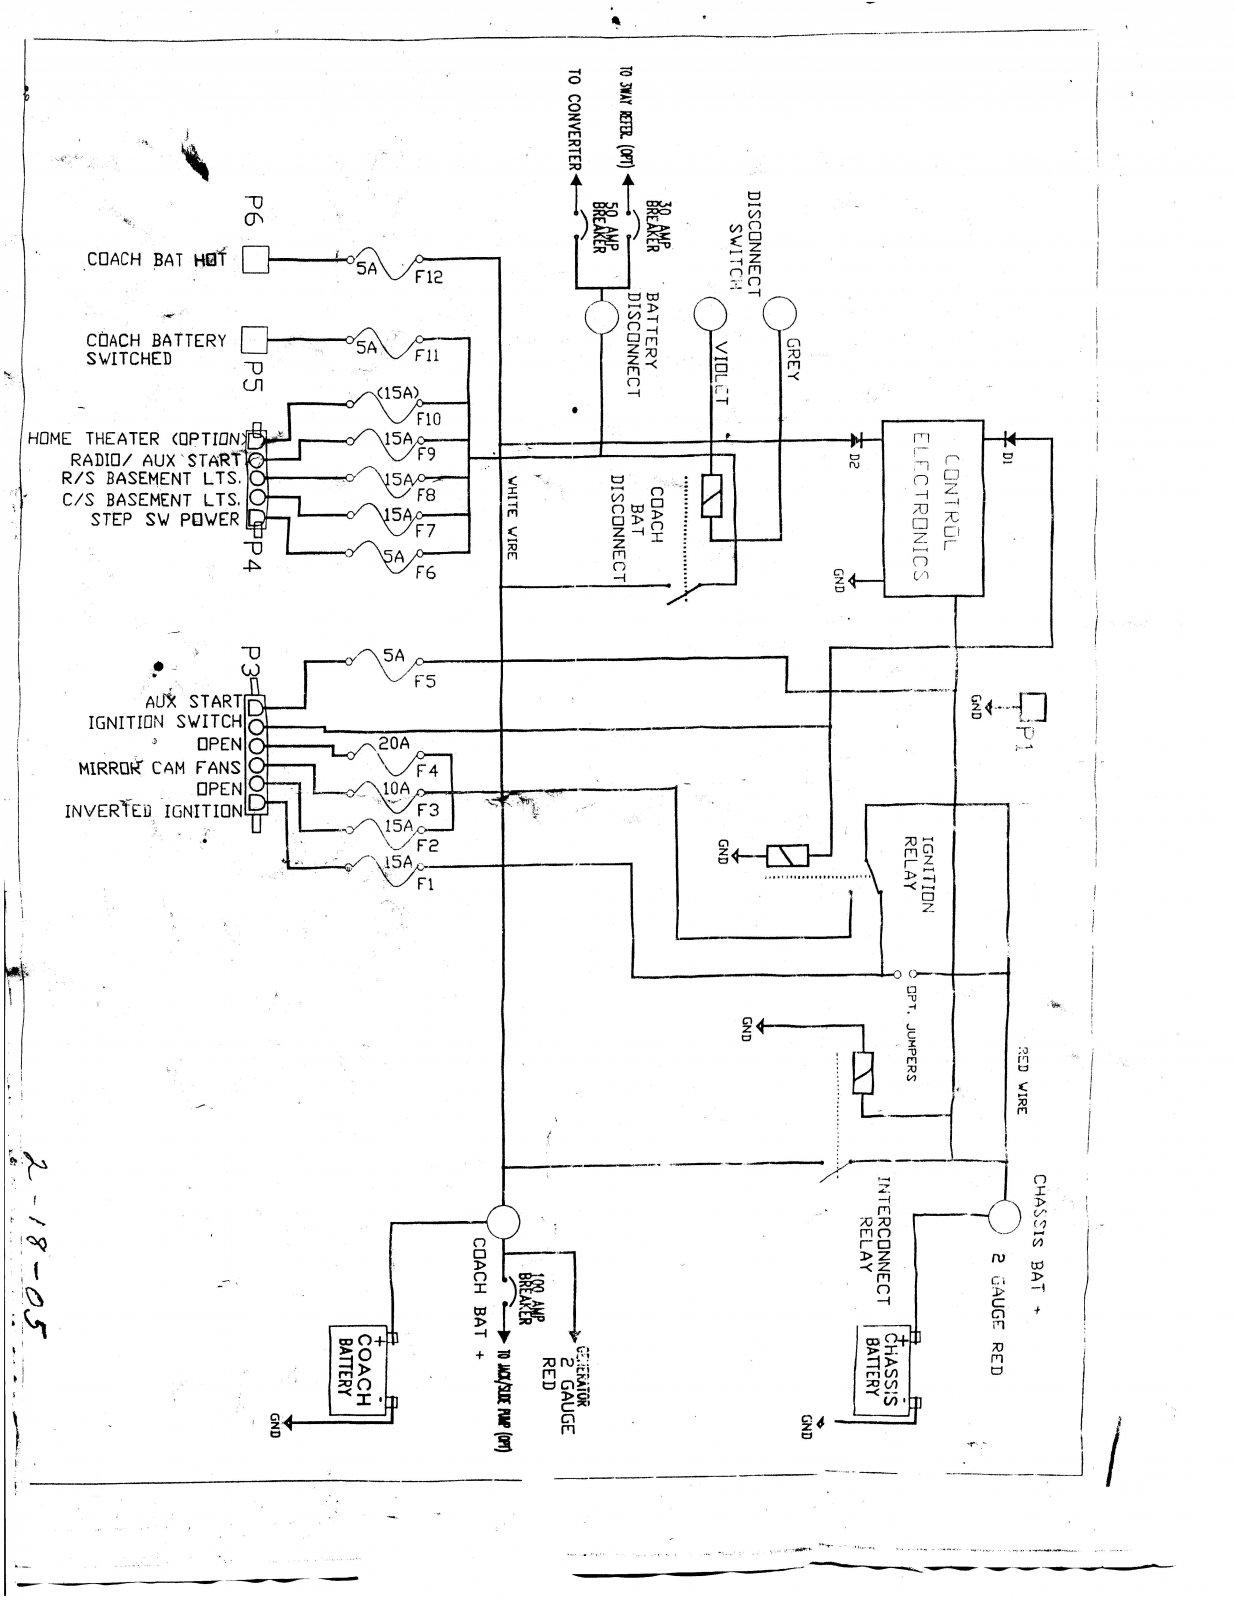 2001 sterling acterra wiring diagram peterbilt 357 wiring